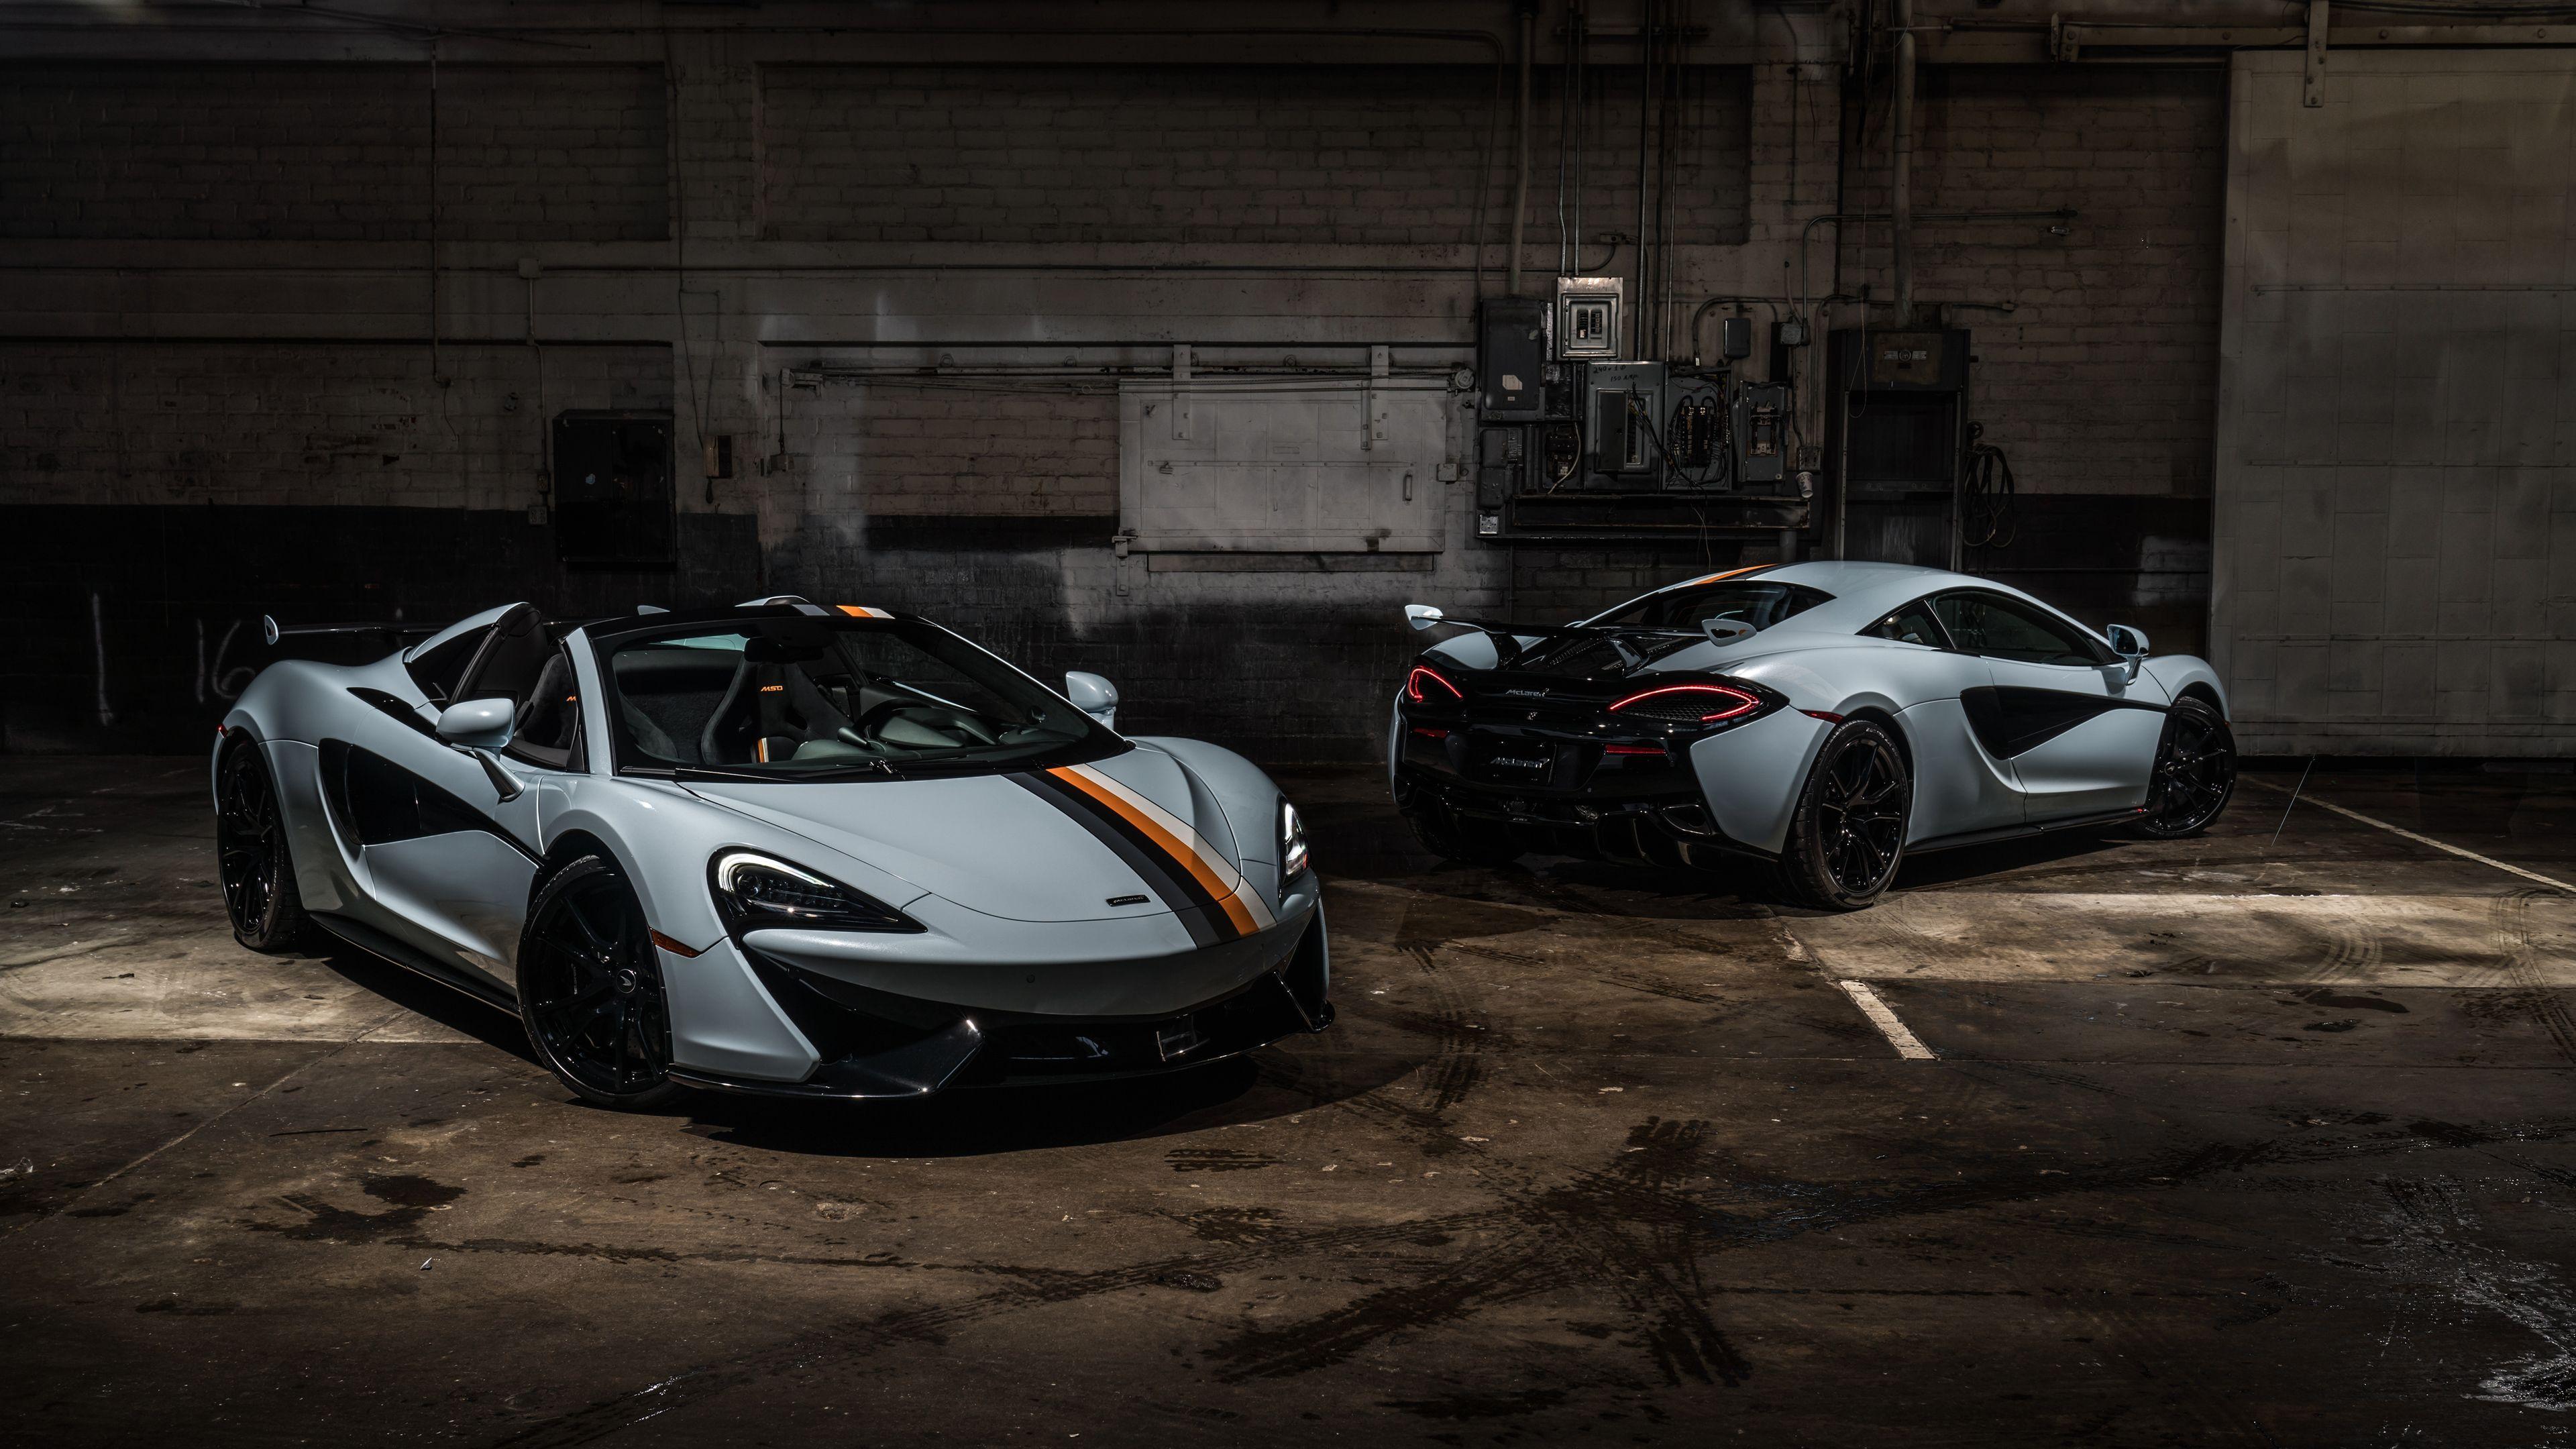 McLaren MSO 570S Spider and Coupe Muriwai 4k mclaren wallpapers, mclaren 570s sp…